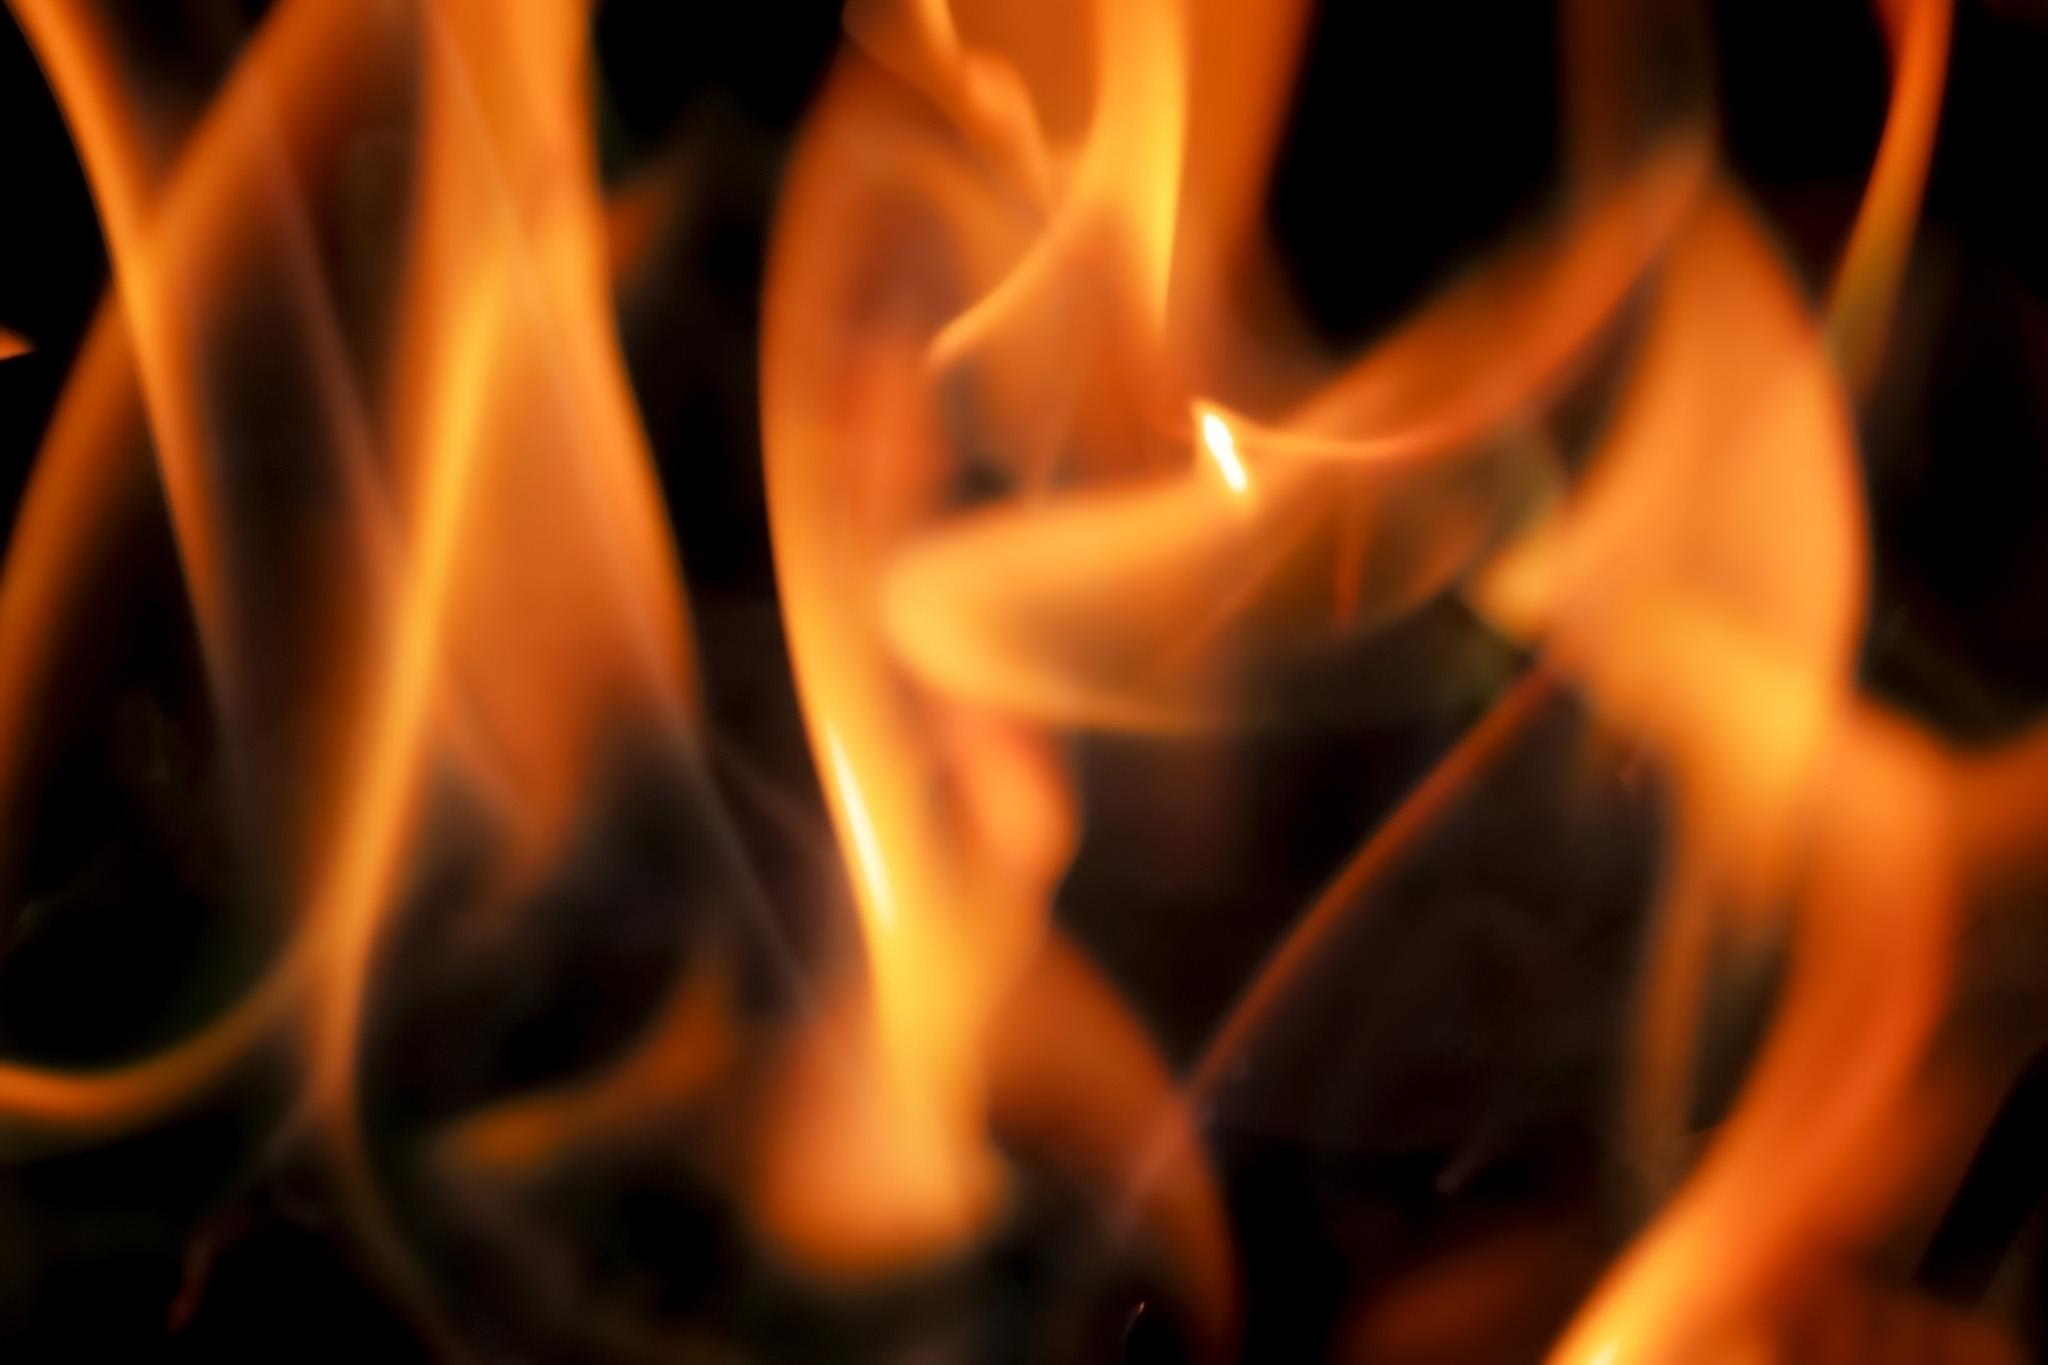 「激しく燃え上がる赤い炎」